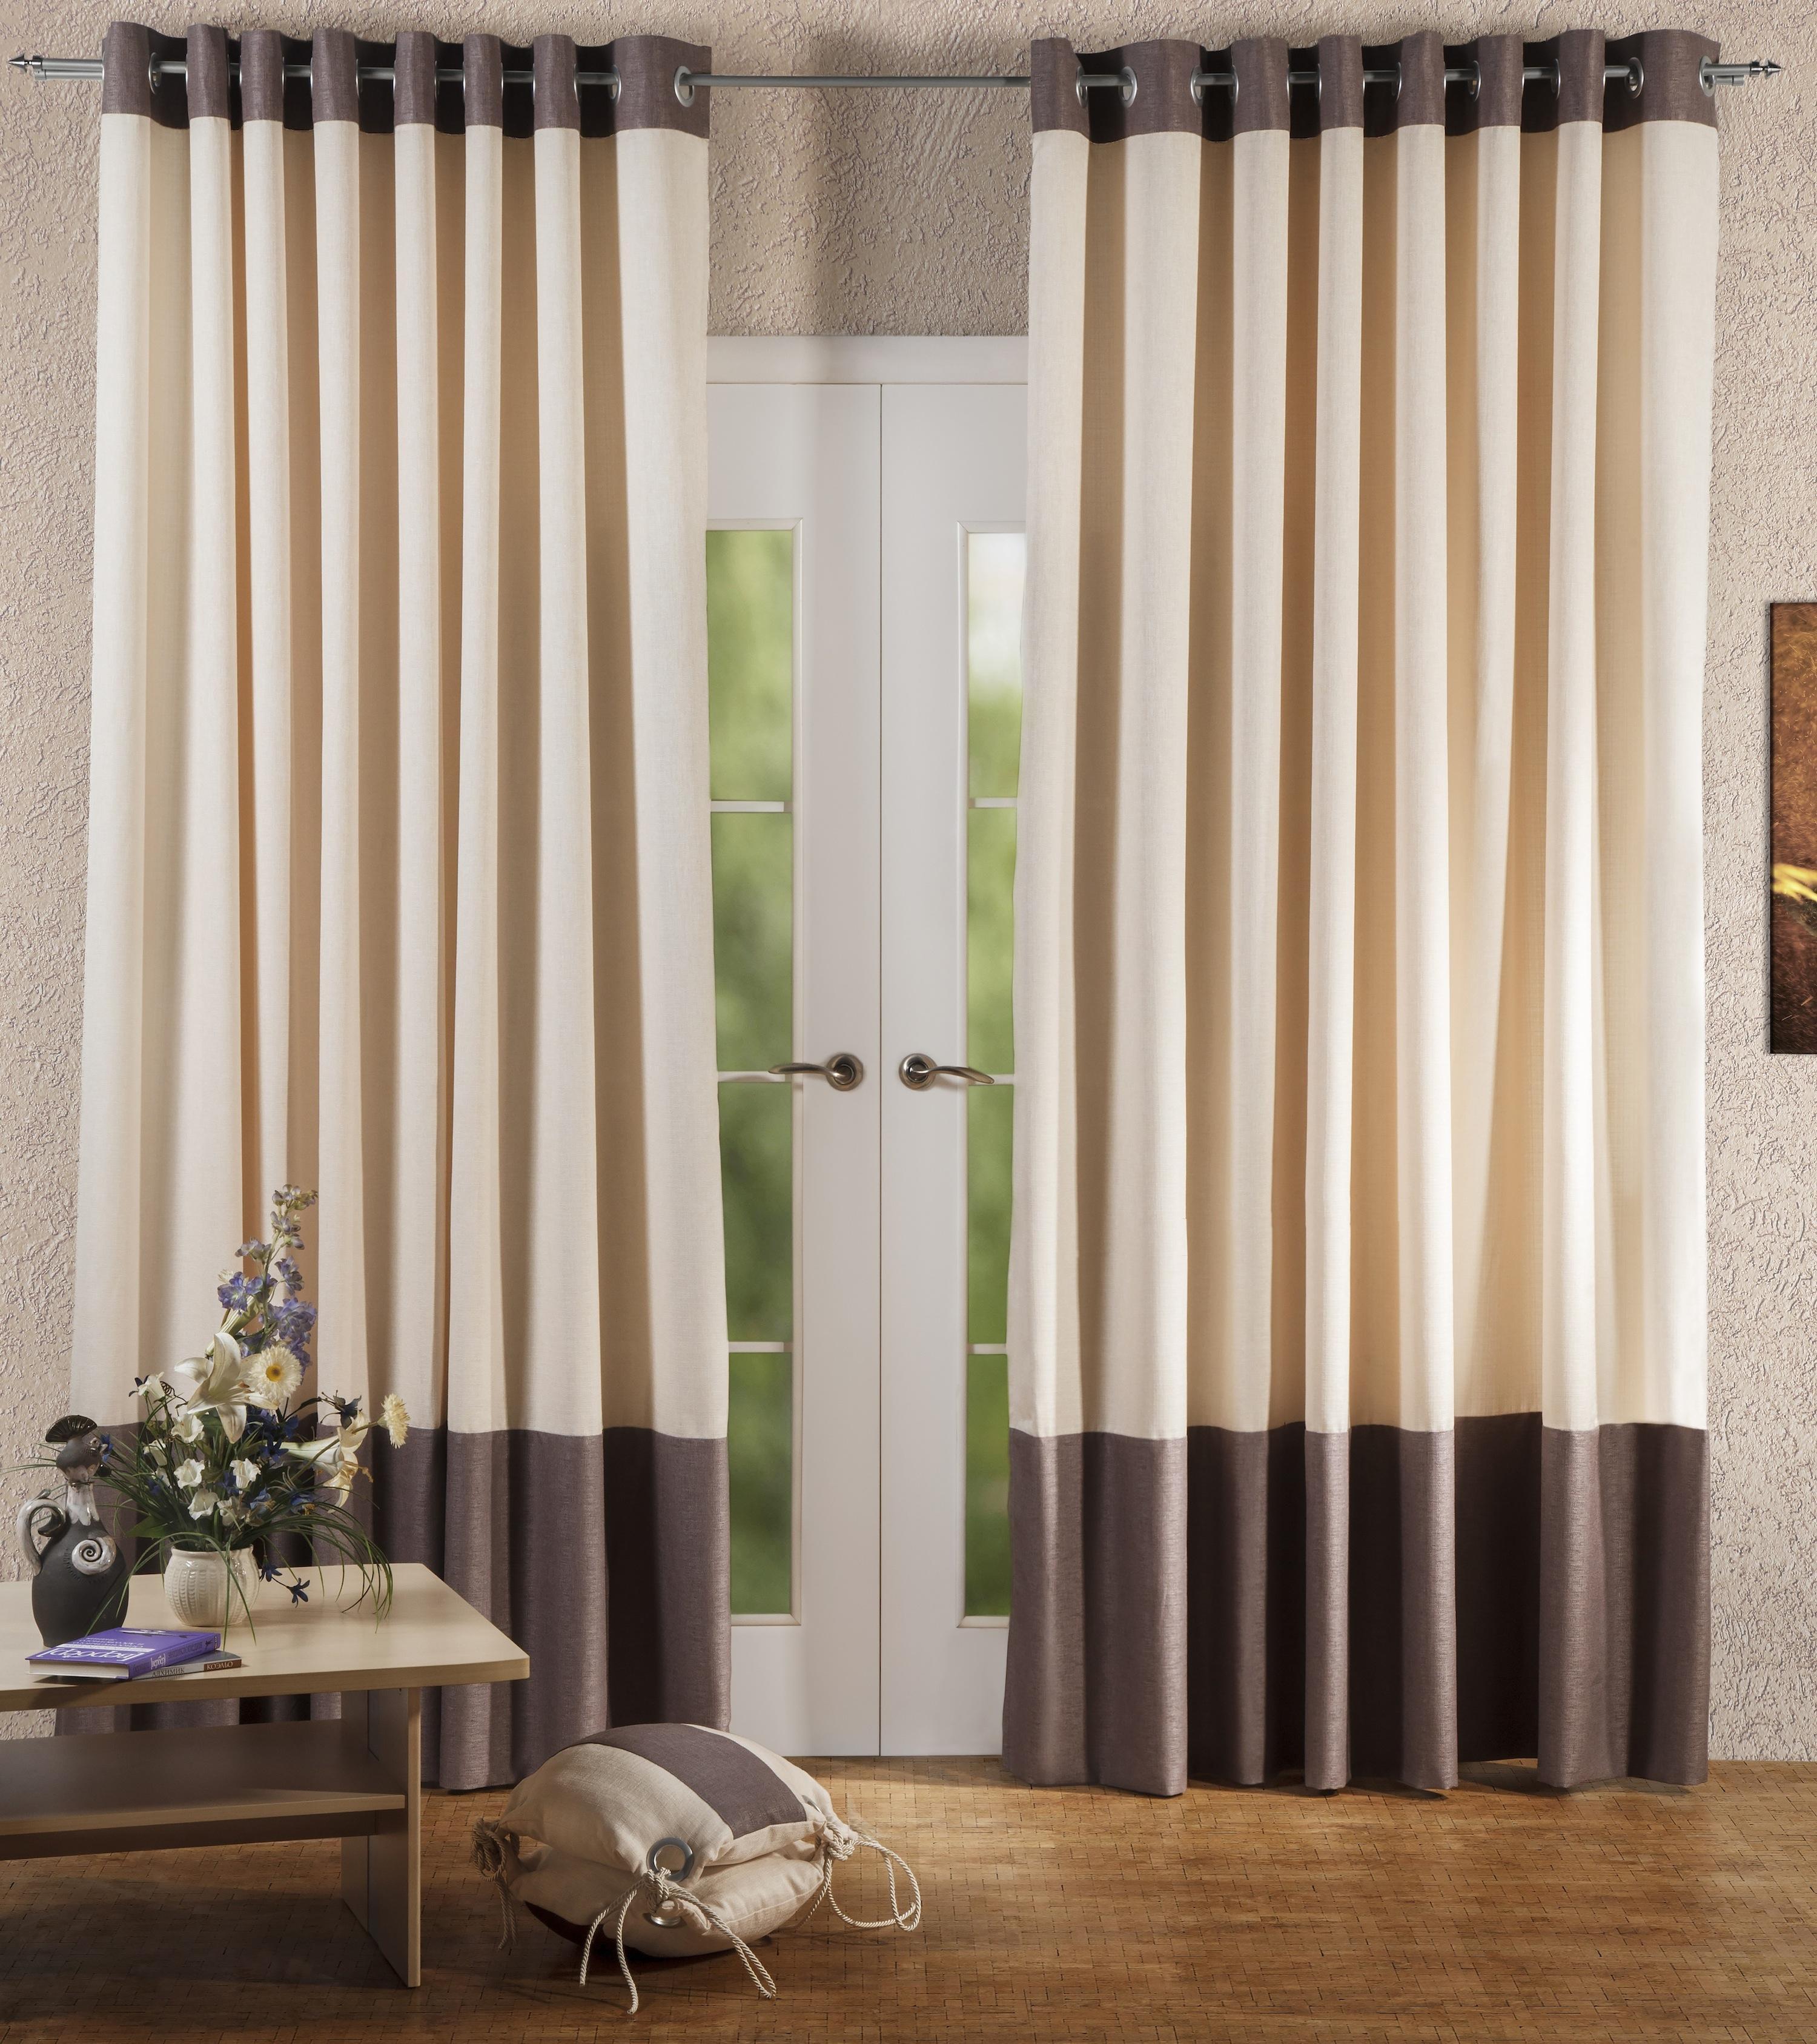 Шторы PASIONARIA Классические шторы Атлант Цвет: Серый шторы tac классические шторы winx цвет персиковый 200x265 см